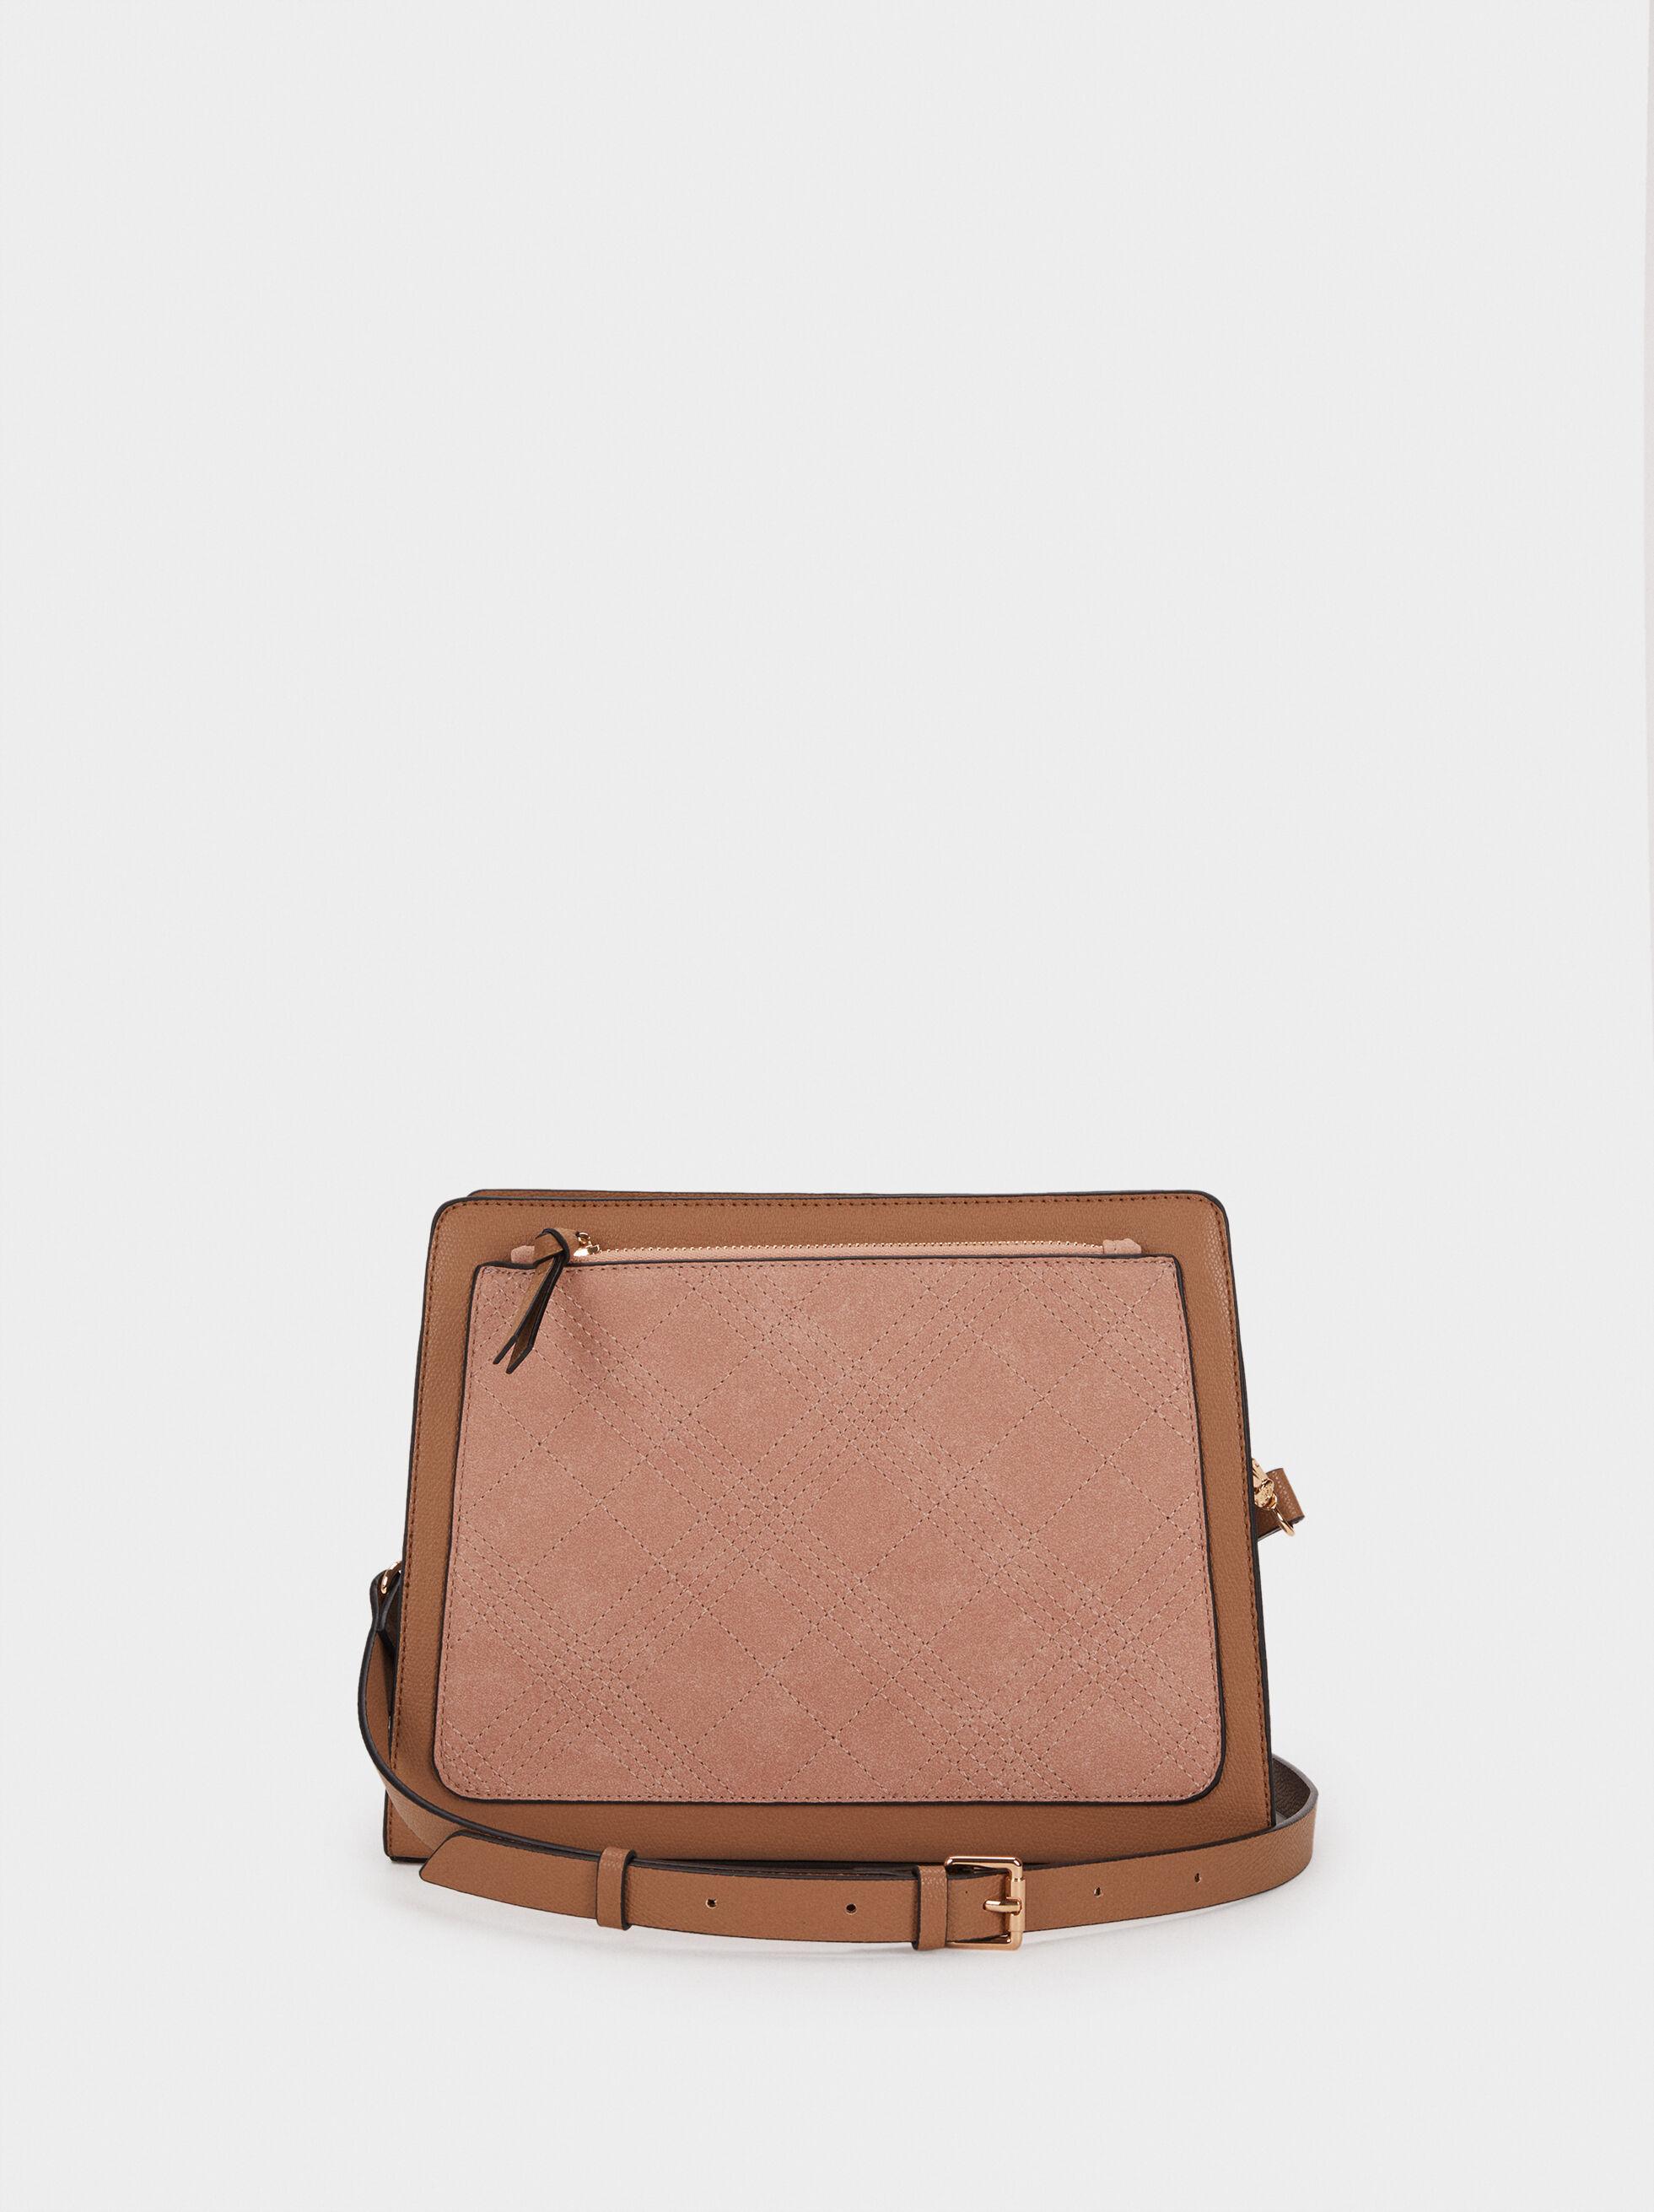 Shoulder Bag With Topstitching, Pink, hi-res